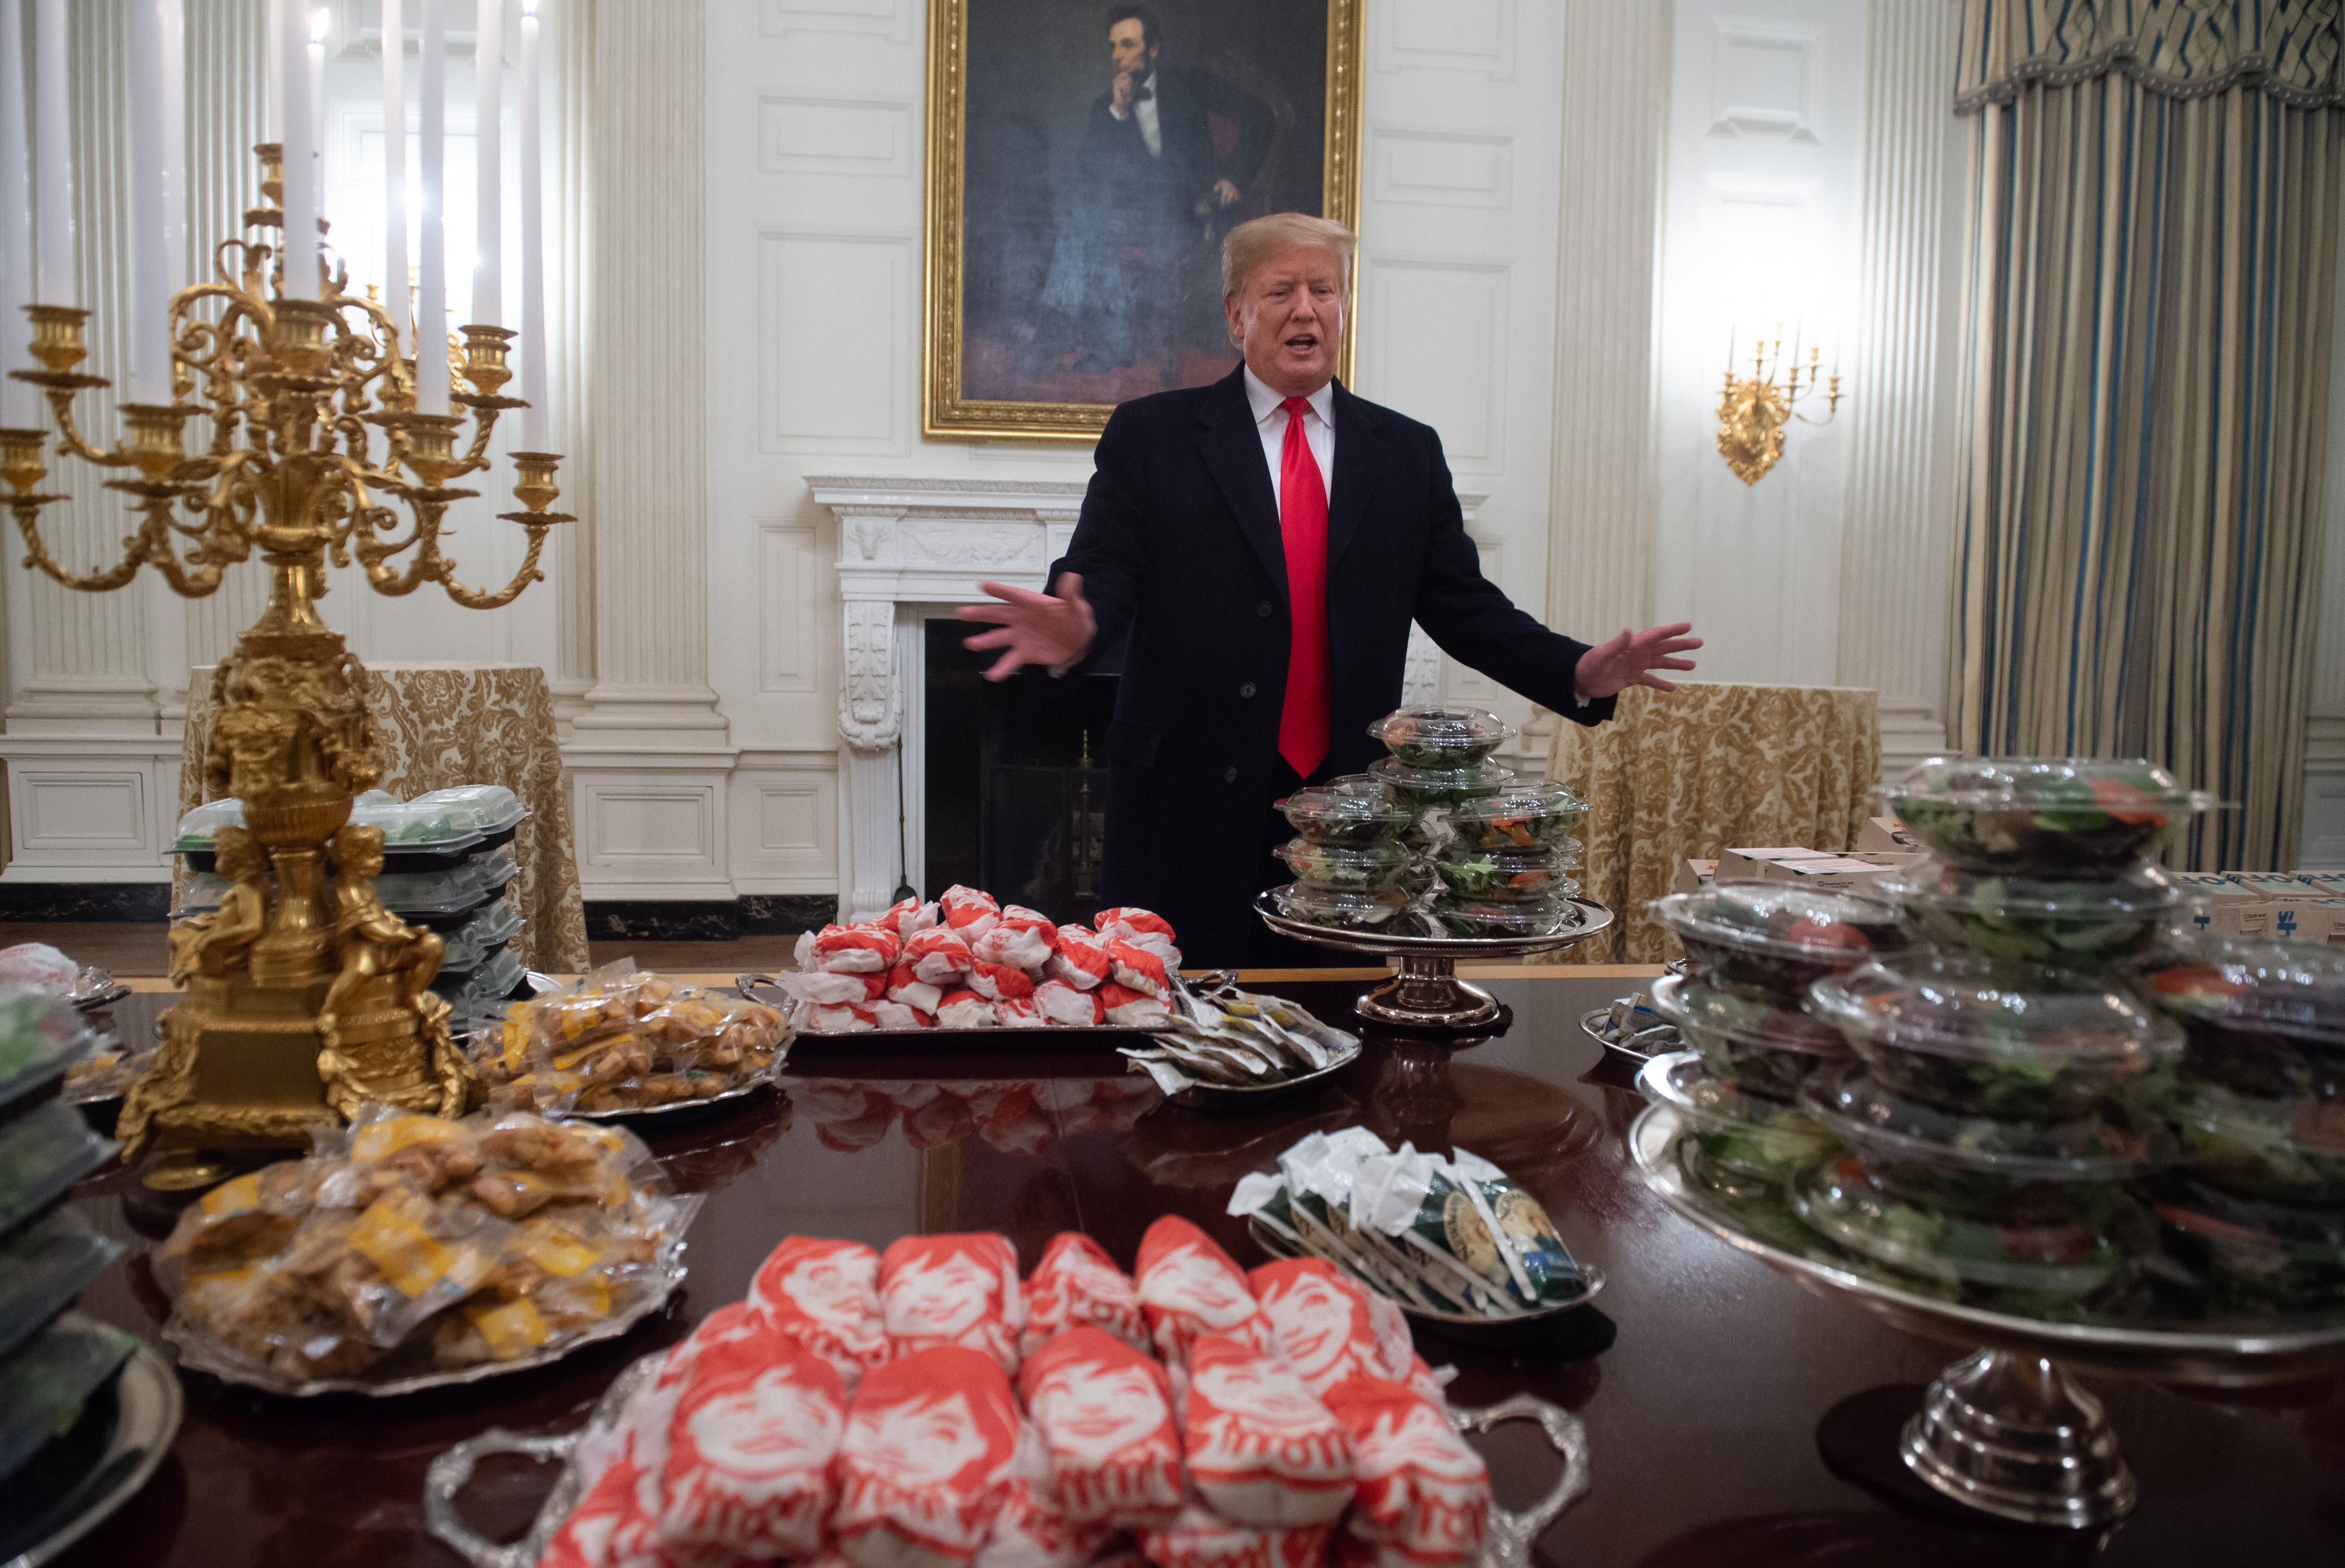 Saját pénzen vett hamburgerekkel vendégelte meg a bajnokcsapatot Trump a kormányzati leállás miatt